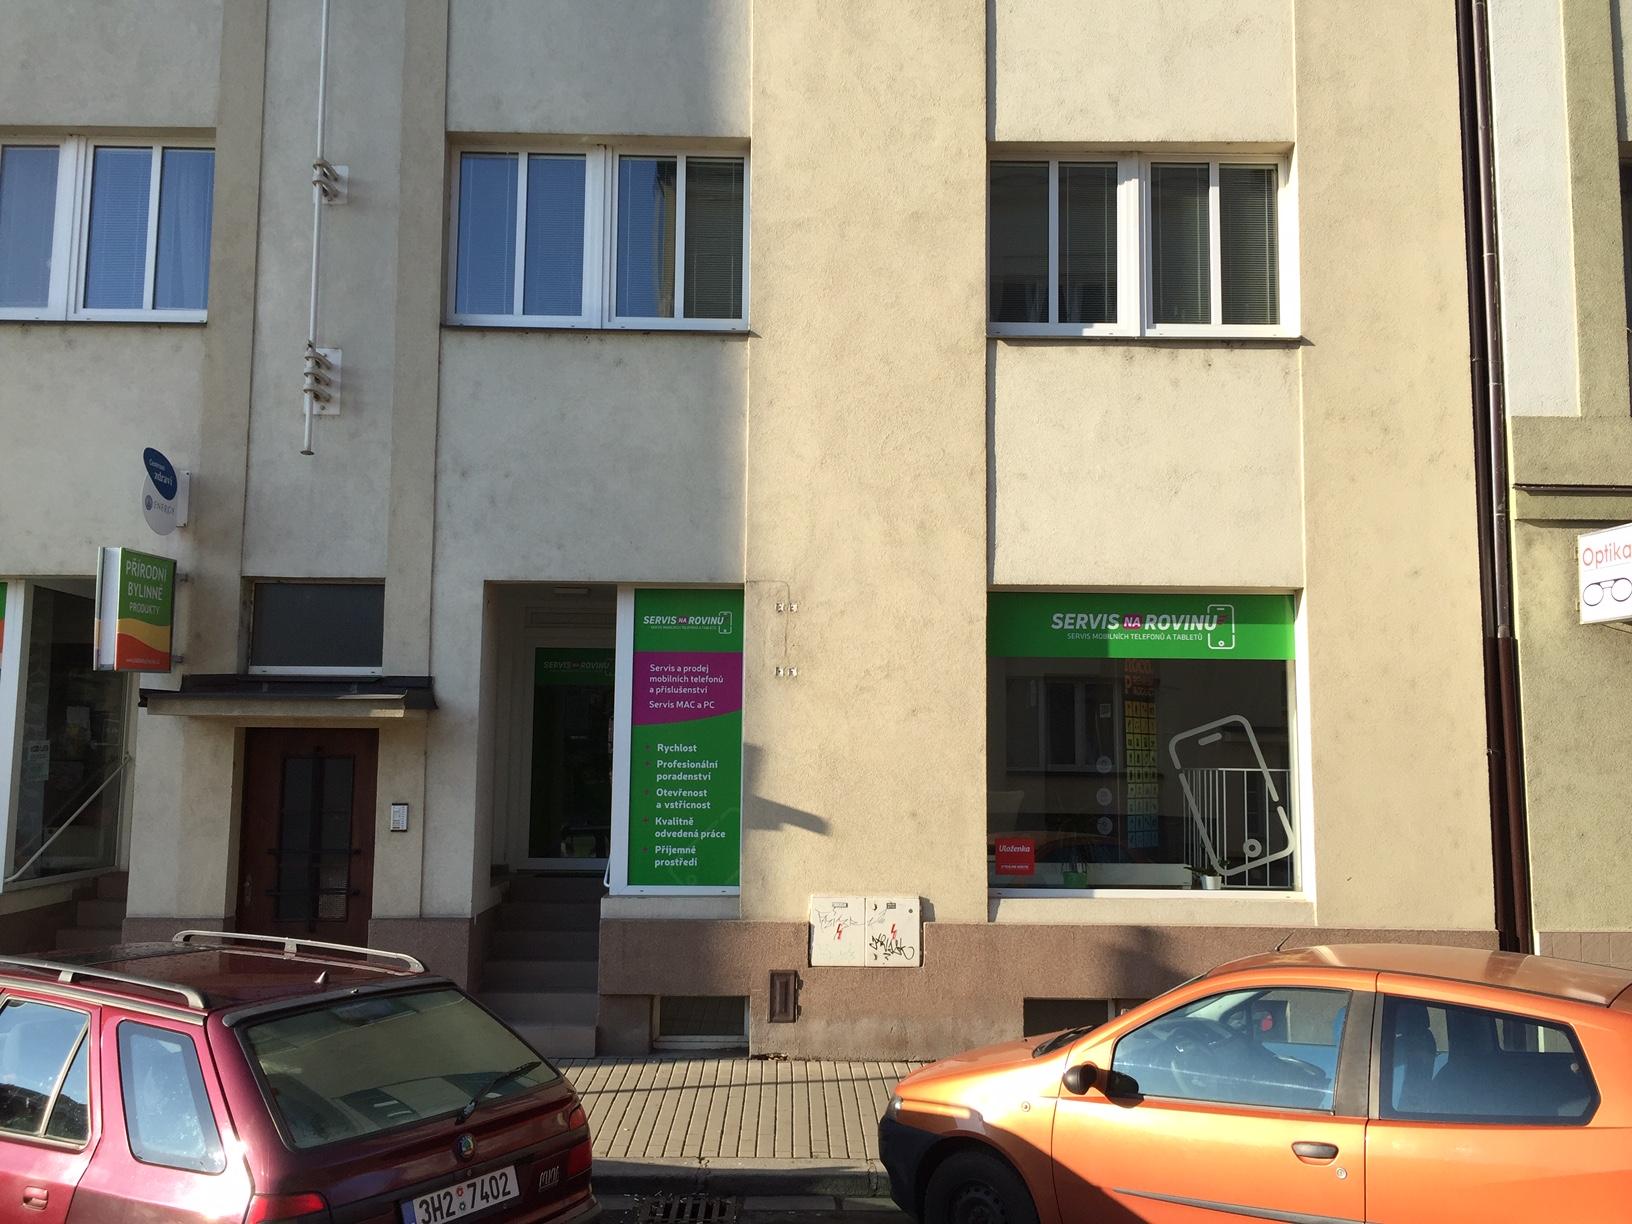 Pobočka Hradec Králové, Letců 1001 (ServisNaRovinu)